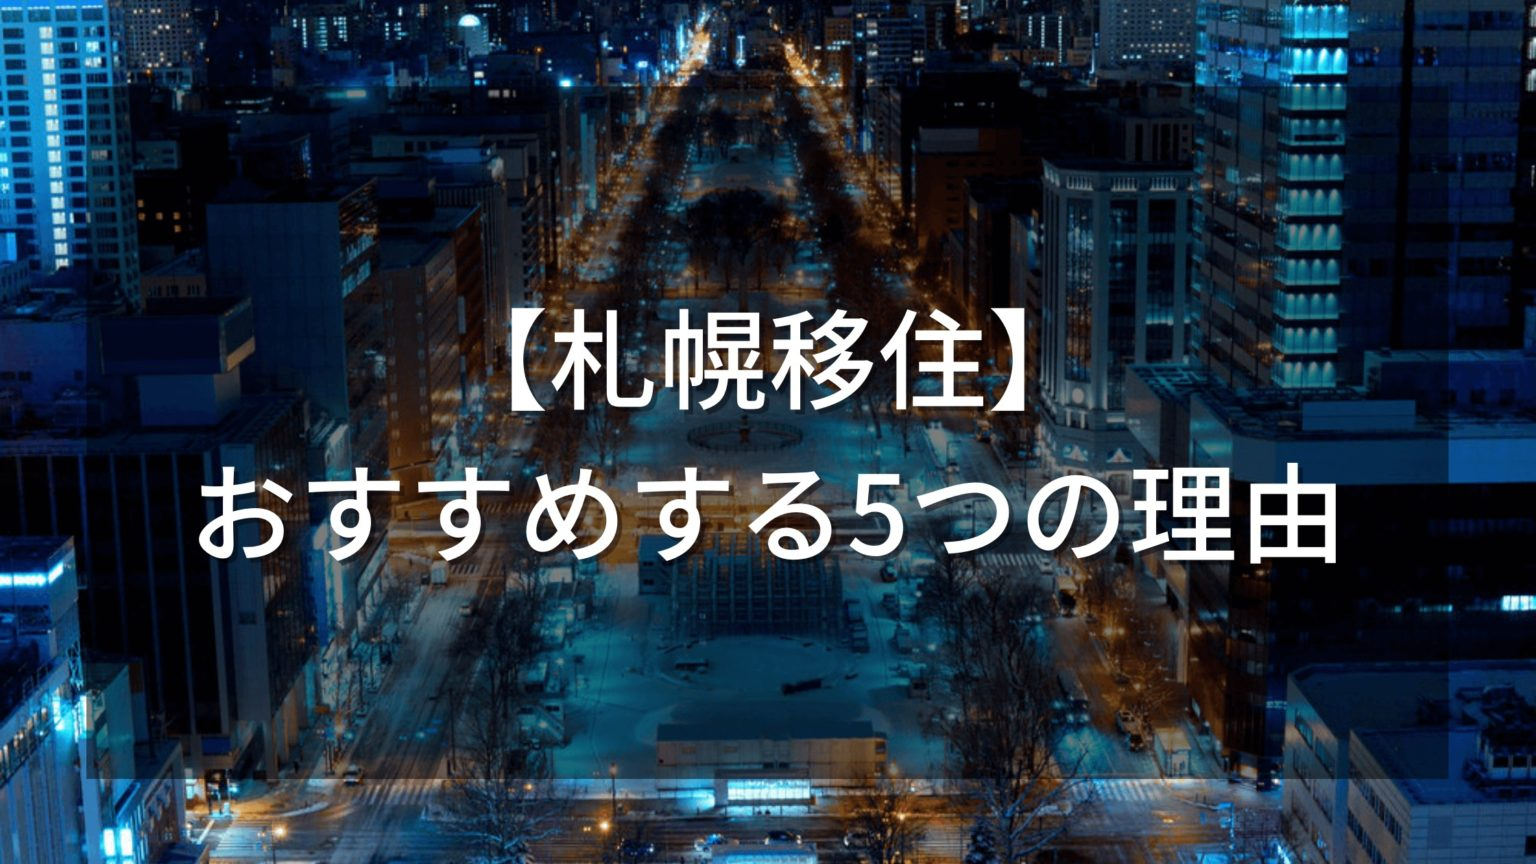 【札幌はいいぞ】札幌への移住をおすすめする5つの理由